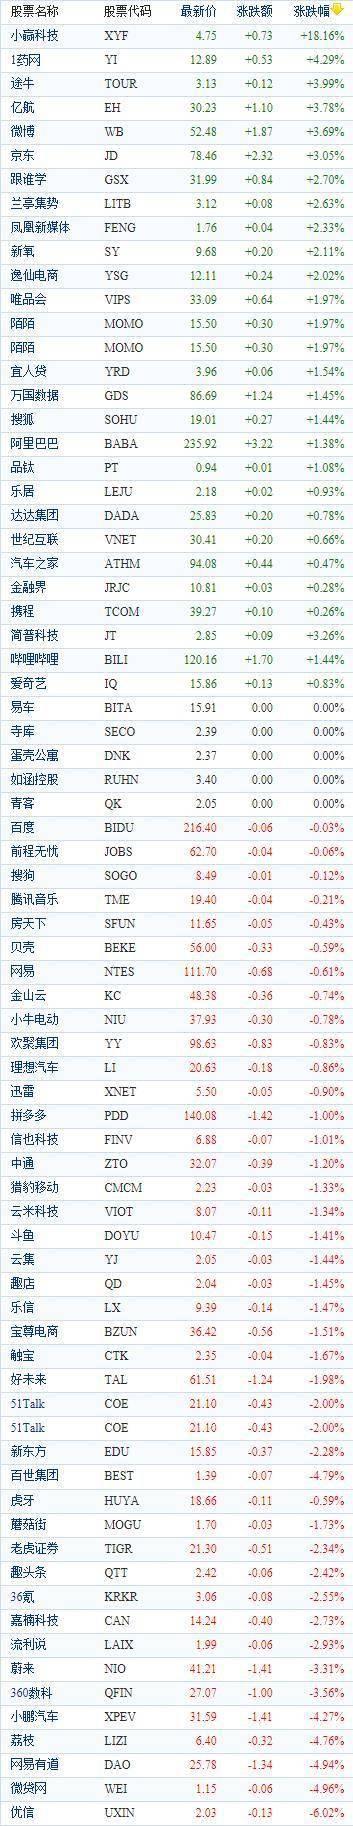 中国概念股周二收盘涨跌互现 新能源车普跌小赢科技大涨逾18%